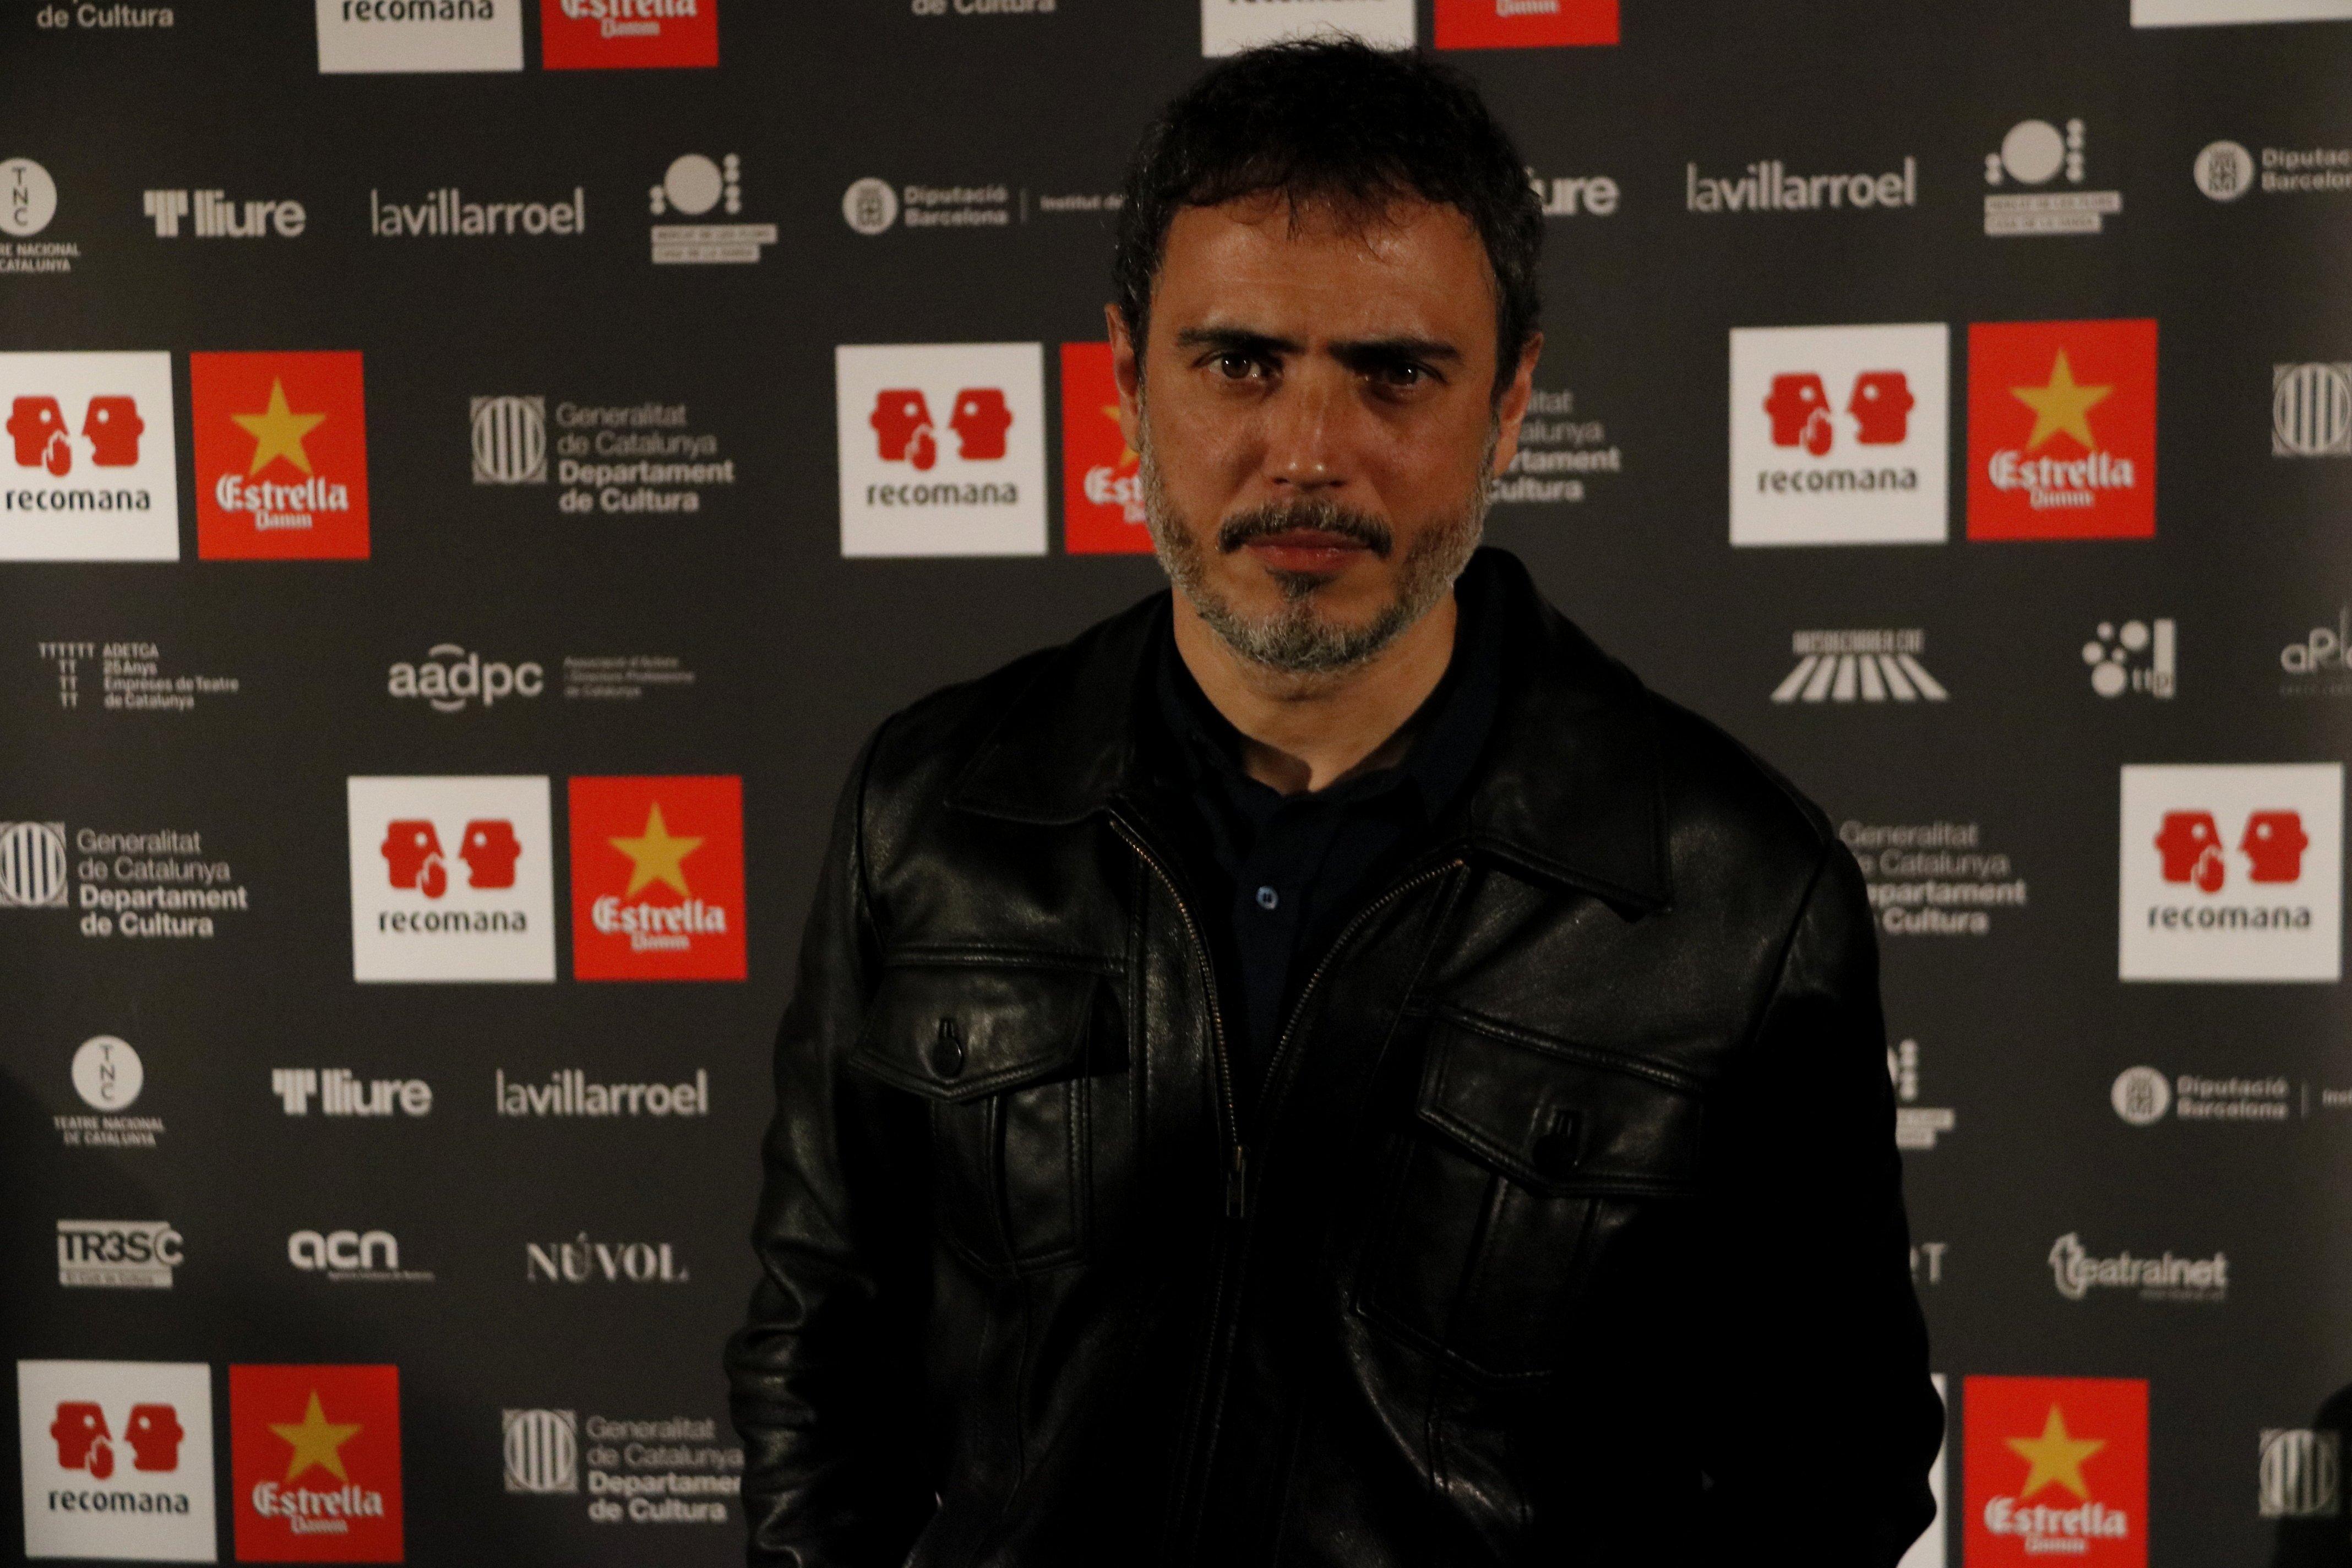 Julio manrique ACN